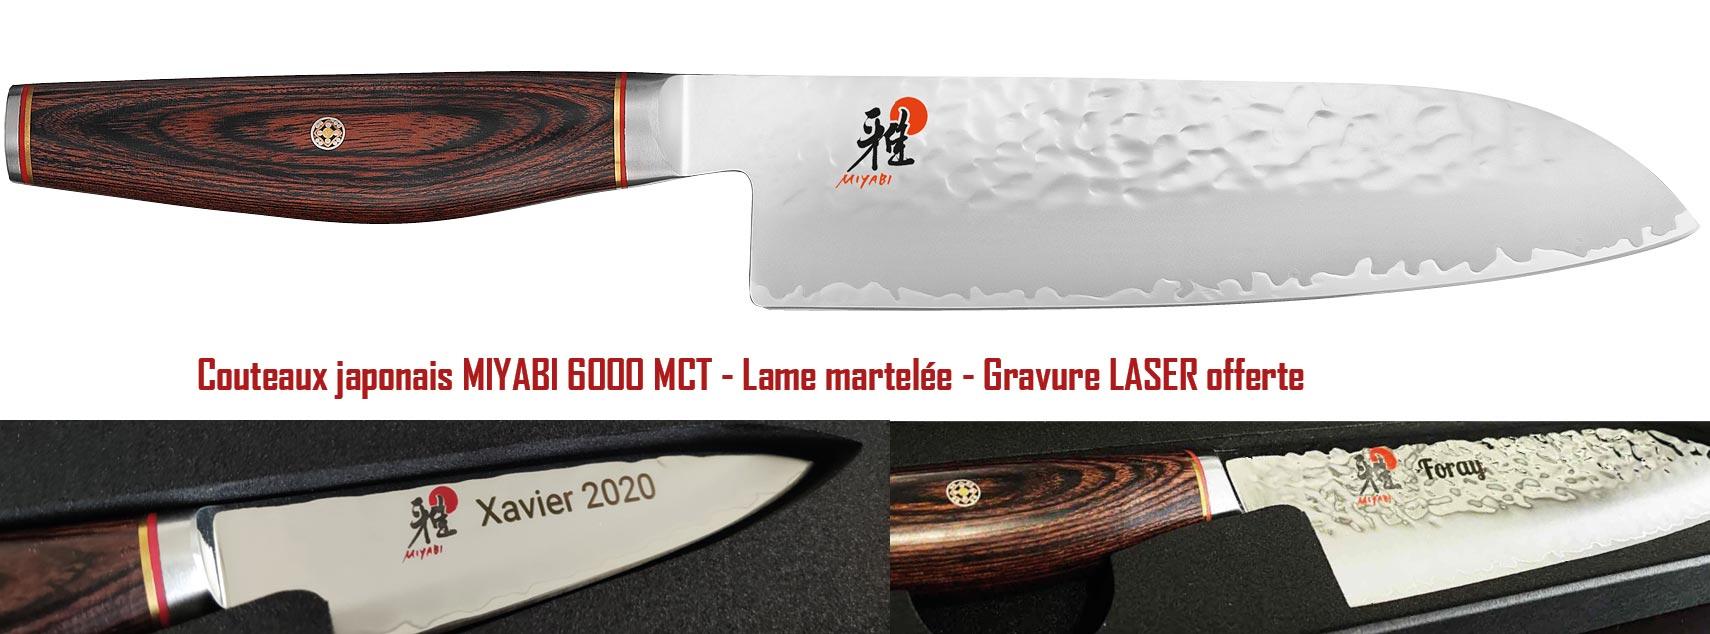 Collection de couteaux japonais 6000MCT MIYABI